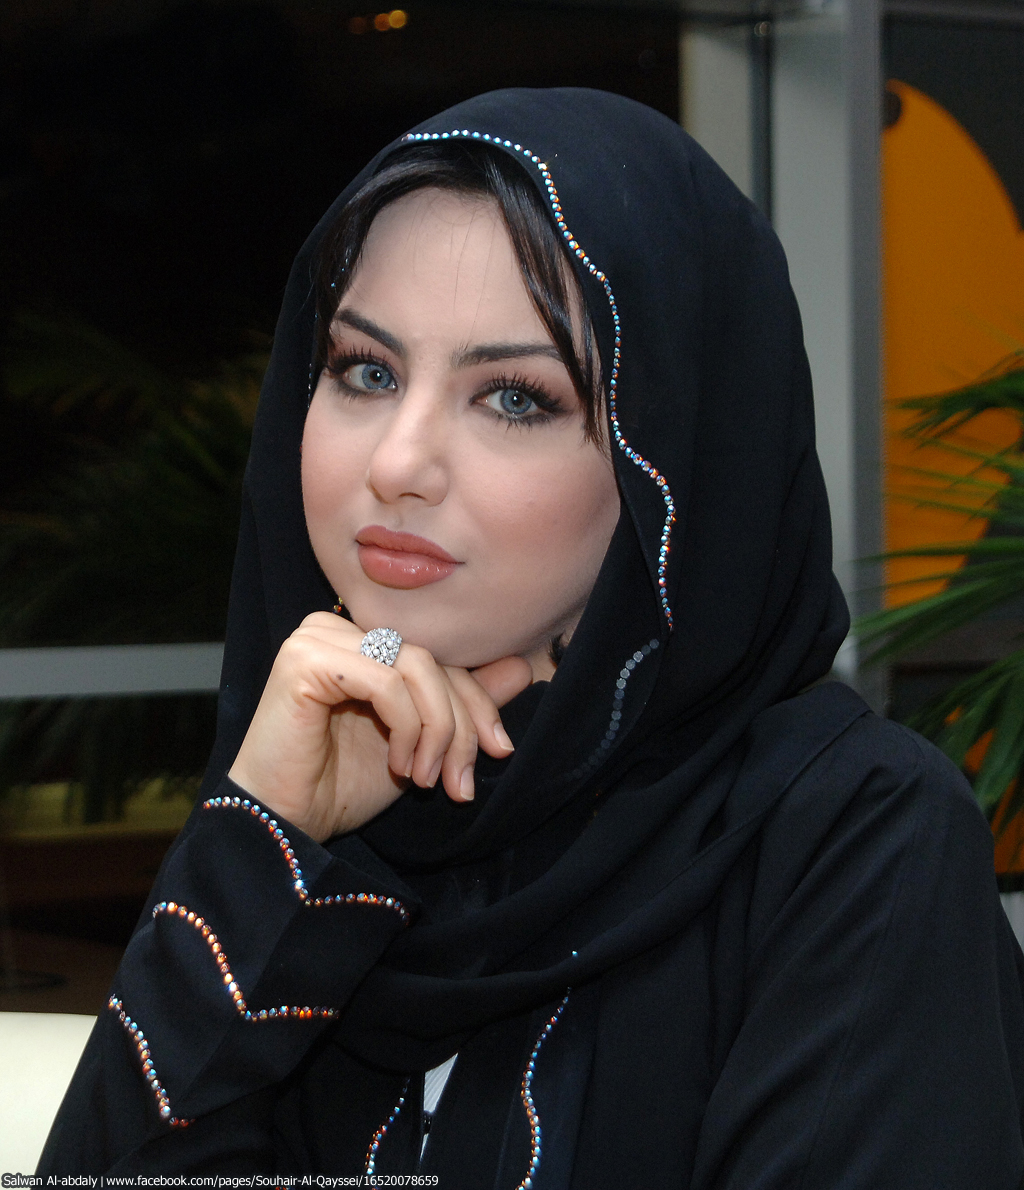 صورة بنات ايران, ماشاء الله على الجمال 2371 1